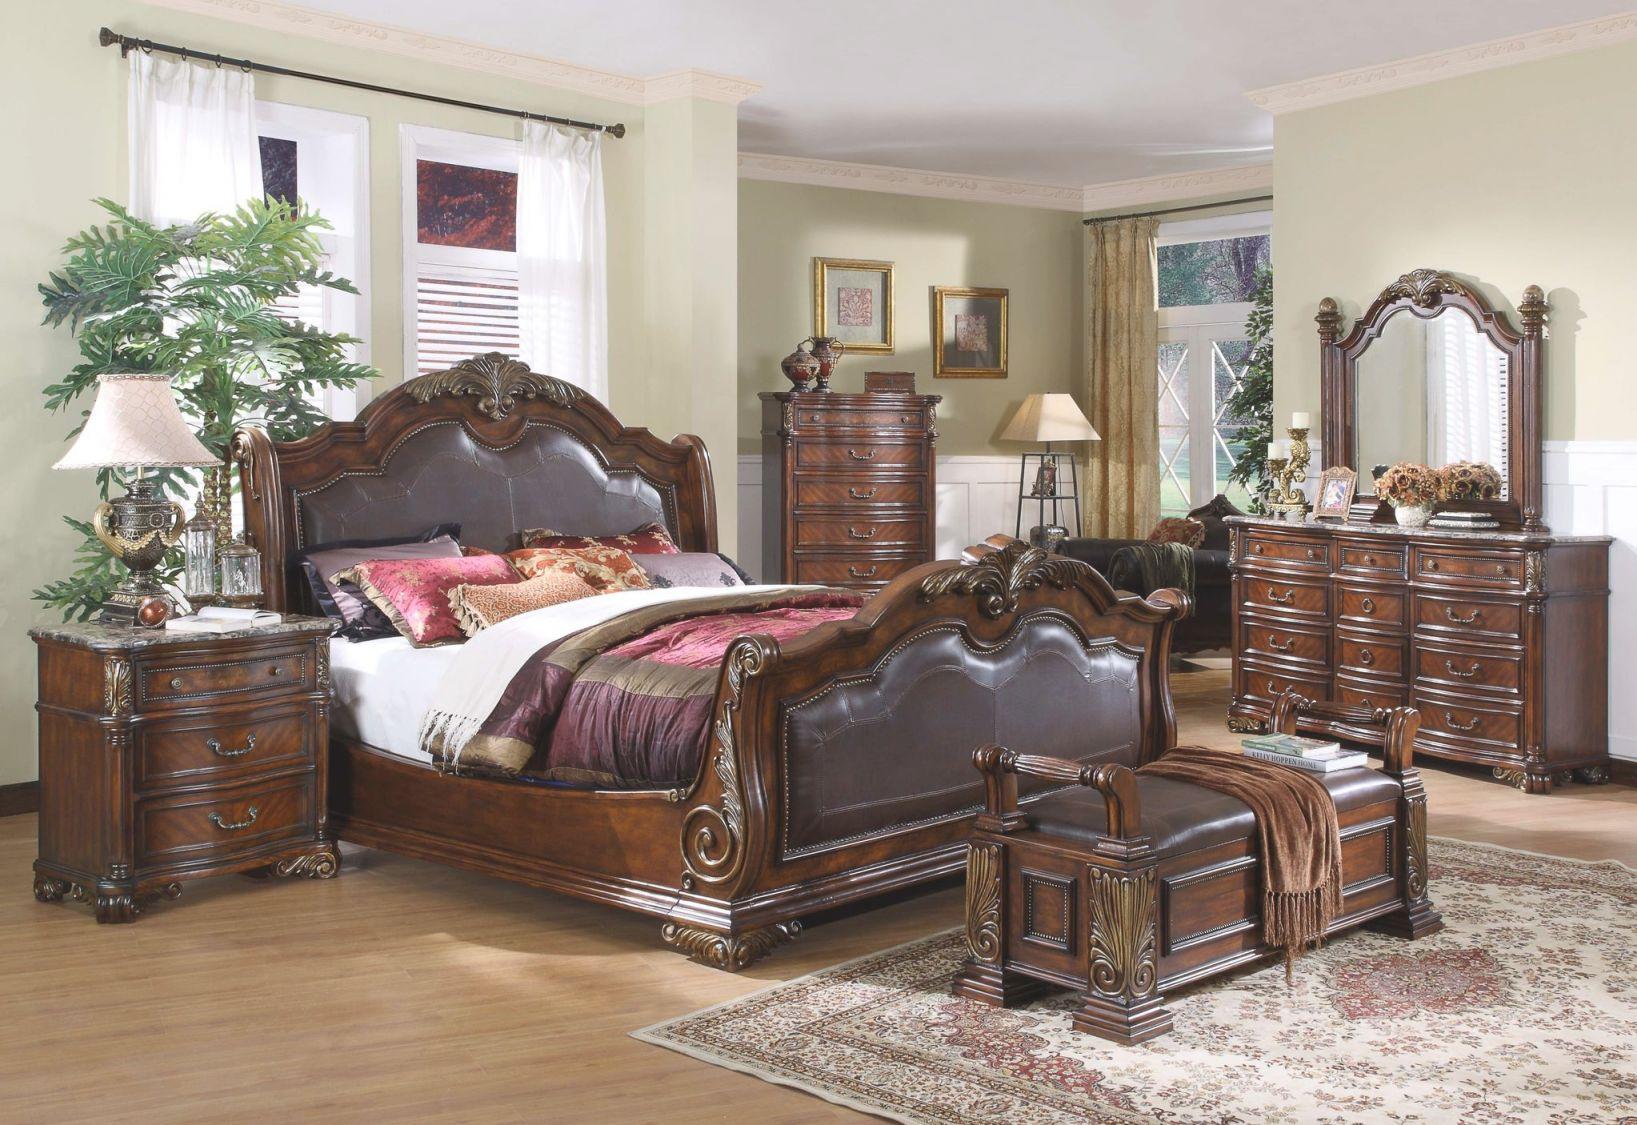 Bedroom Design : Thomasville Furniture Sets Nice Furnitur pertaining to Beautiful Thomasville Furniture Bedroom Sets